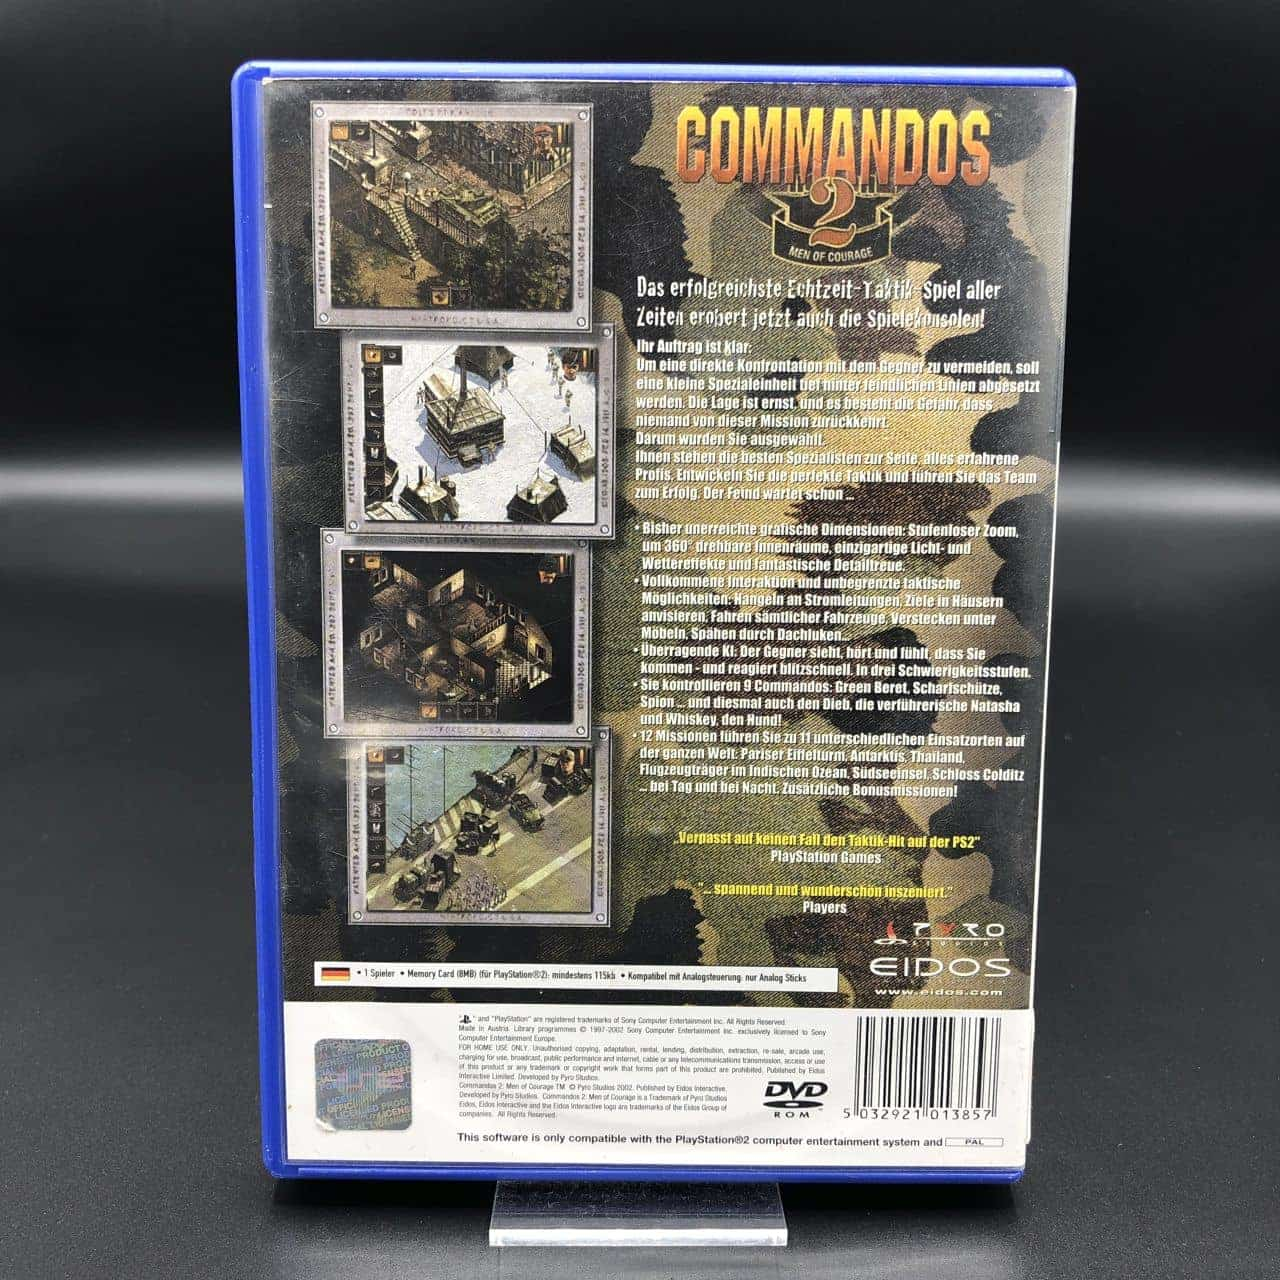 PS2 Commandos 2: Men of Courage (ohne Anleitung) (Gebrauchsspuren) Sony PlayStation 2